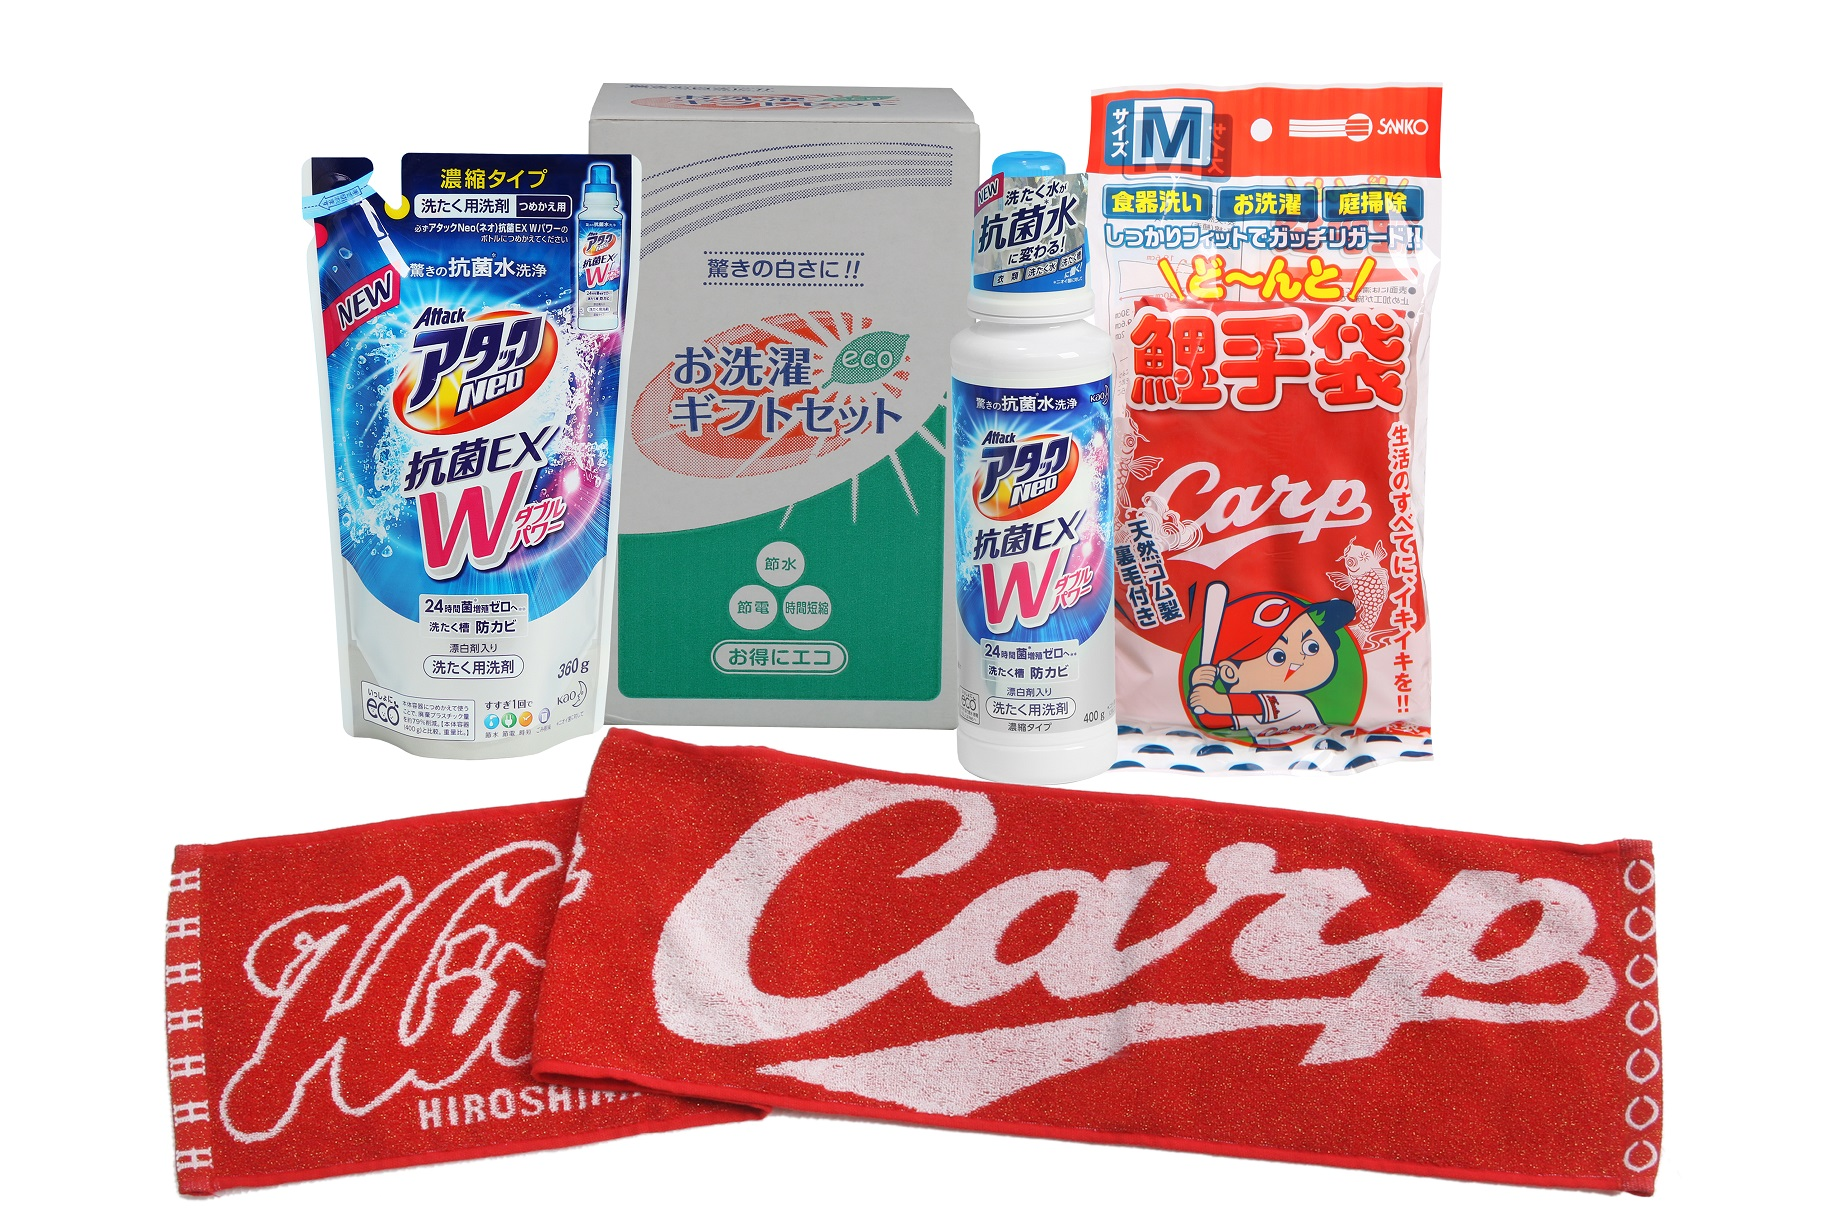 AW13洗剤セット&カープ鯉手袋&カープキラキララメラメマフラータオル HNEO-40